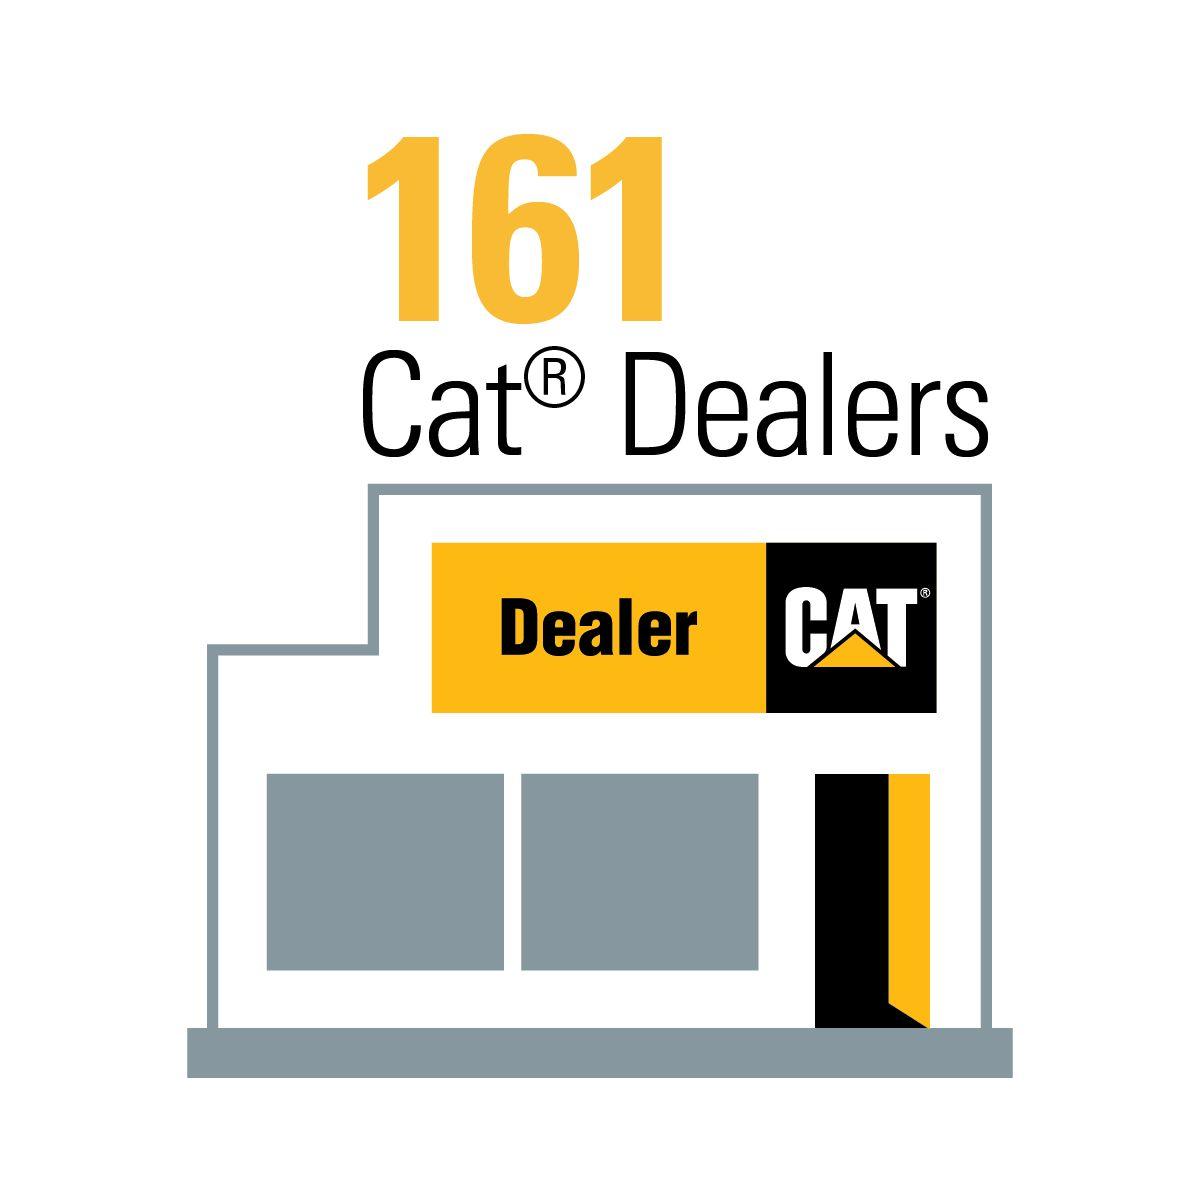 161 Cat Dealers